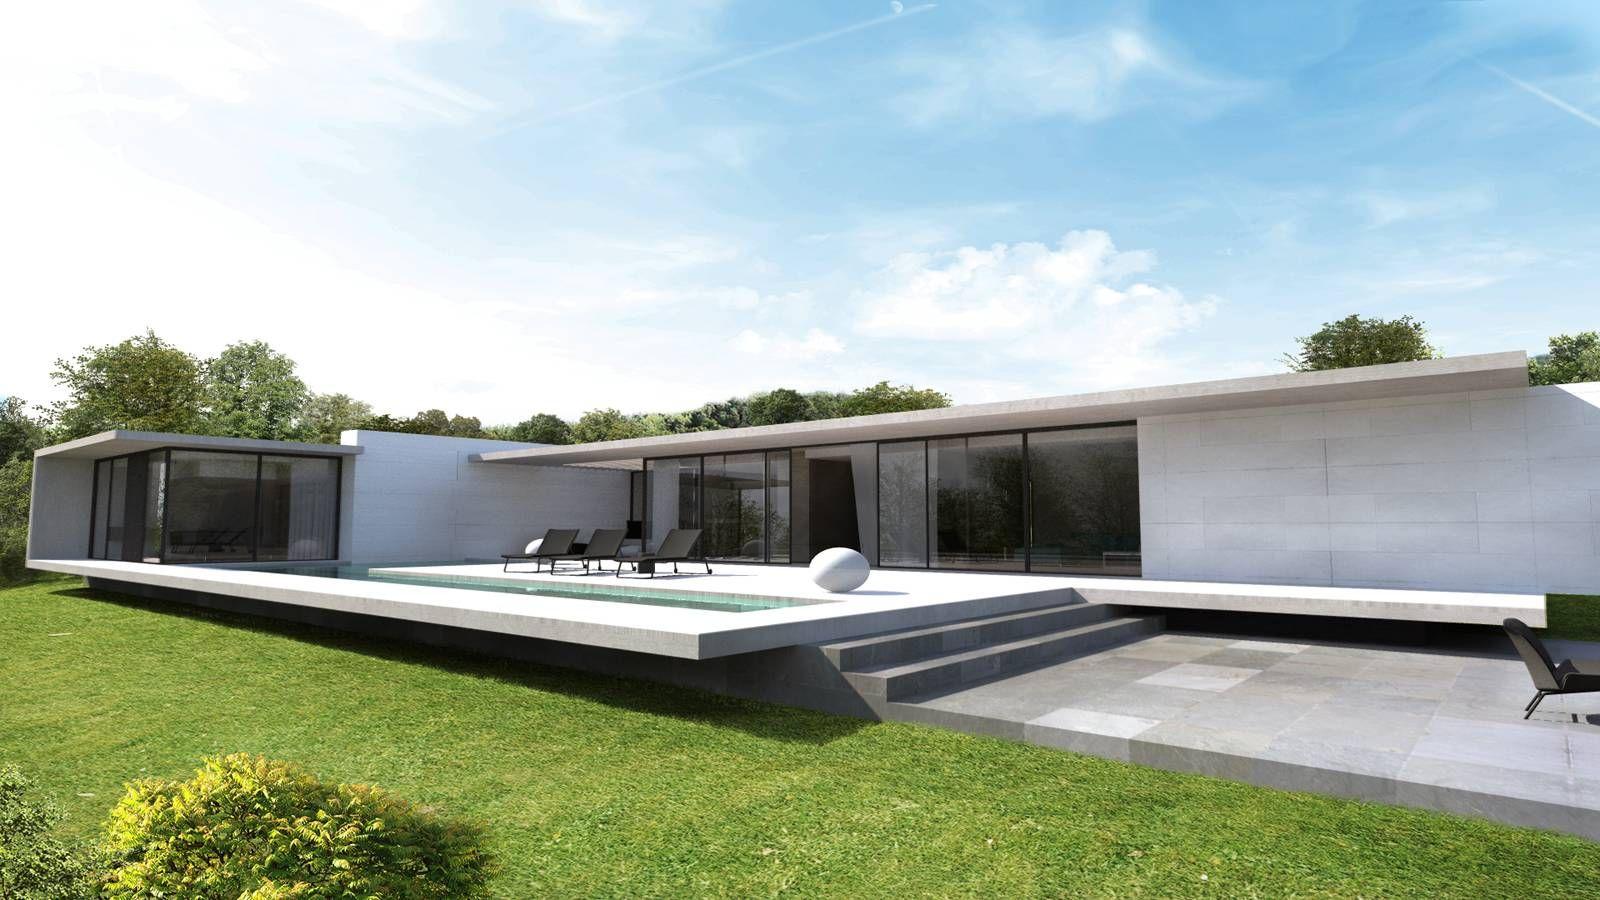 Villa Contemporaine Pres De Lyon Architettura Case Moderne